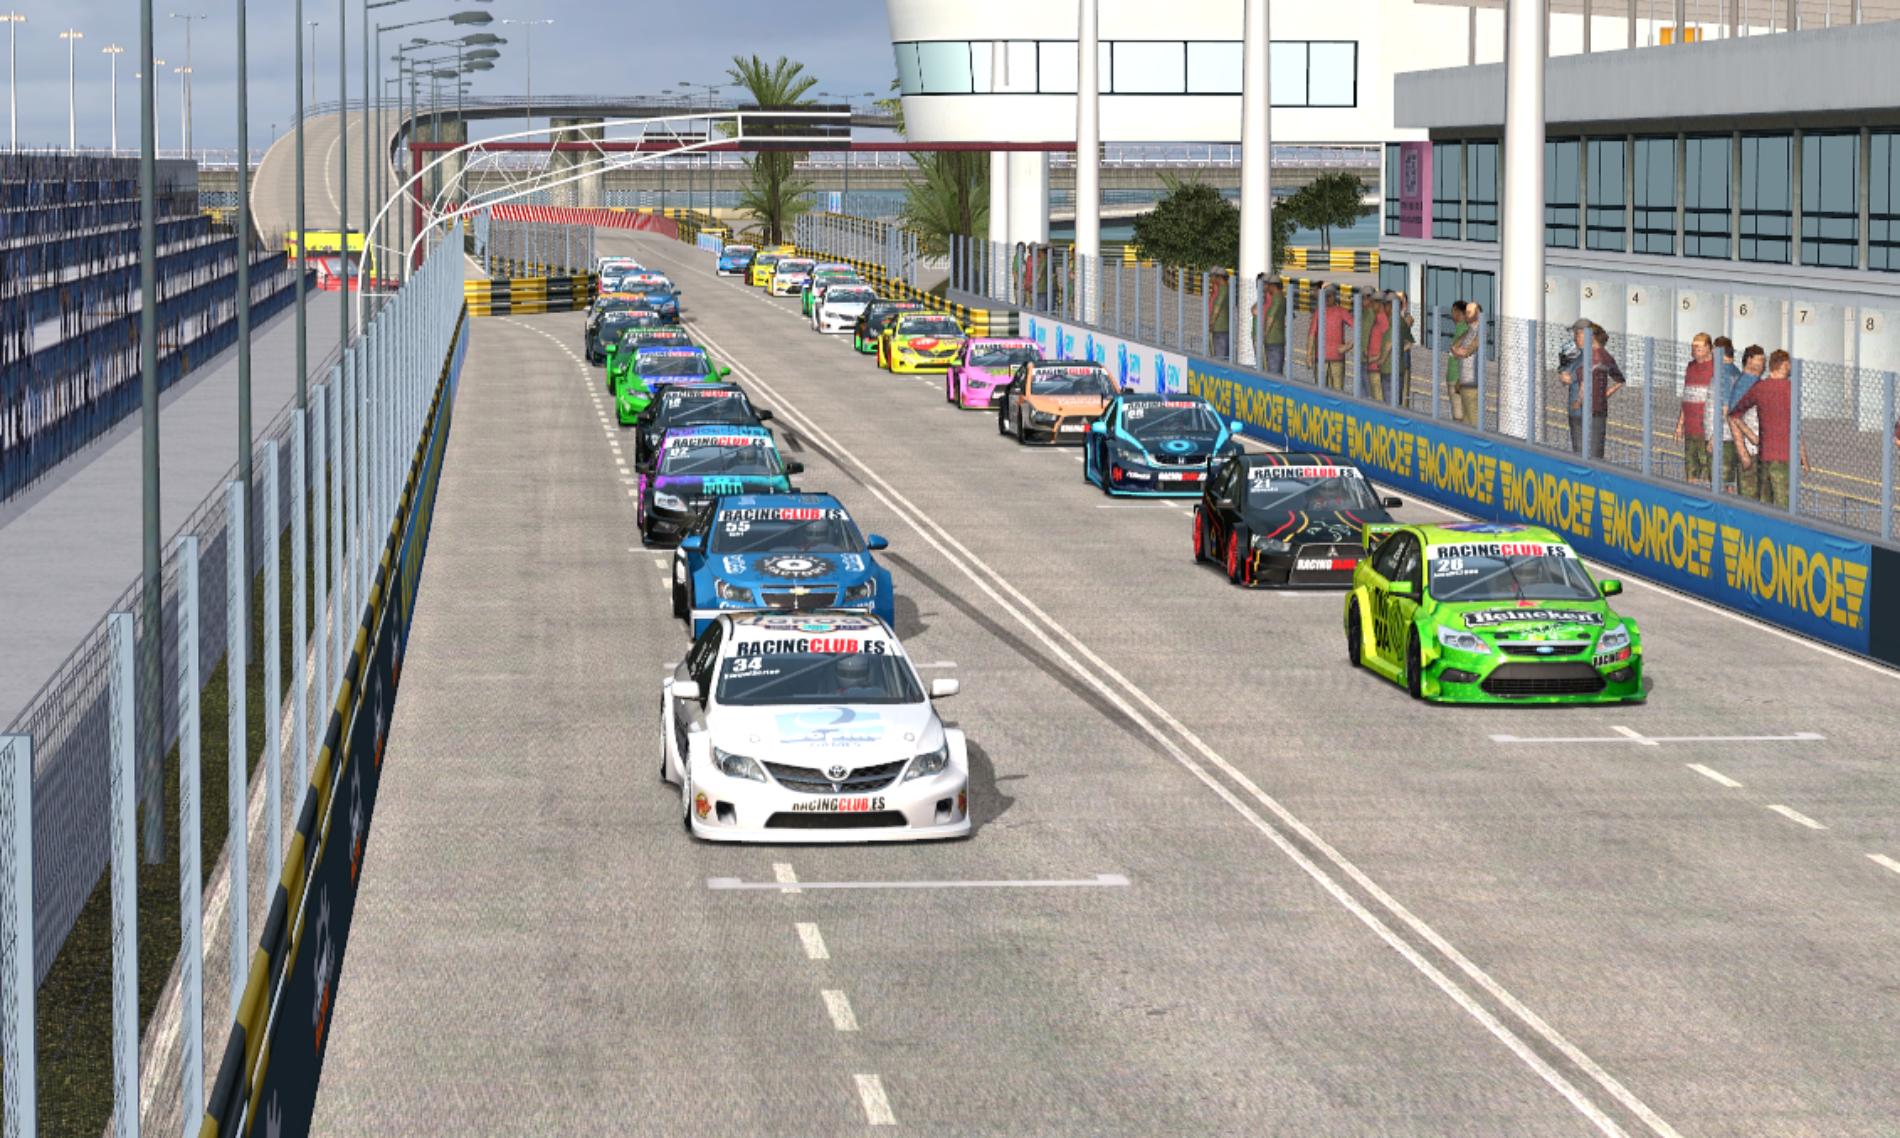 Resumen | Macau | Los muros y el infortunio deciden un campeonato igualado de principio a fin.